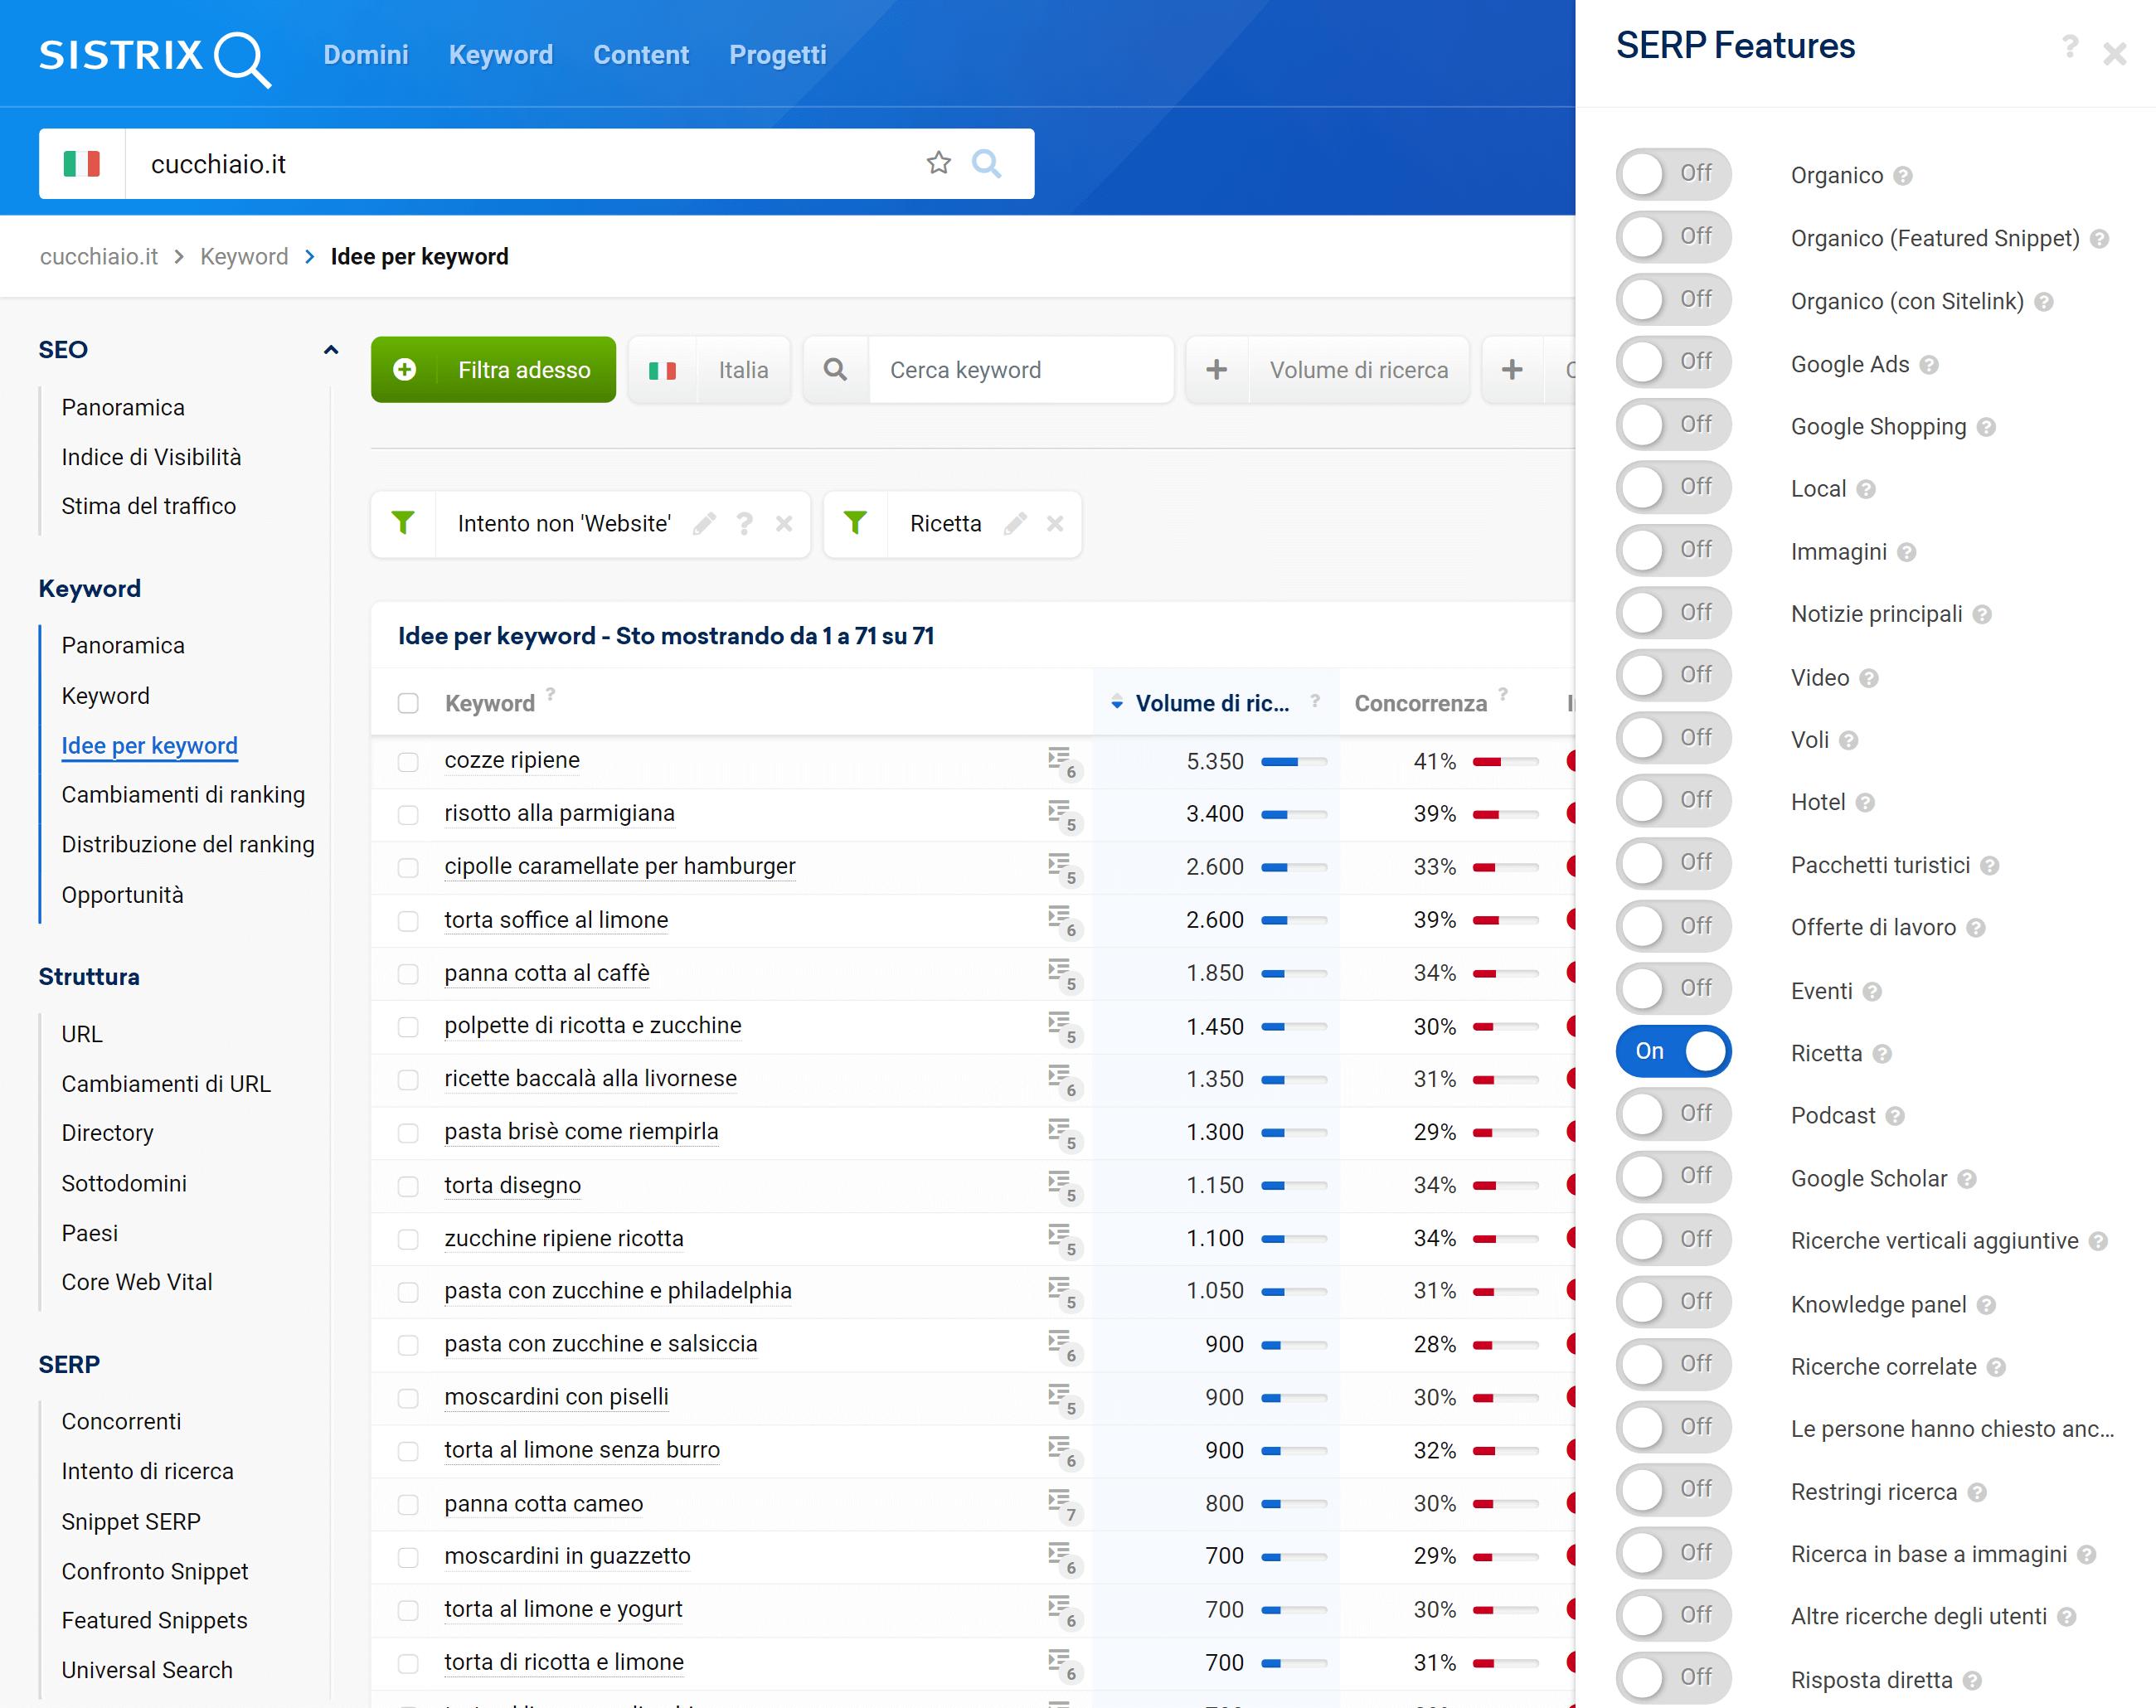 Idee per keyword con filtro ricetta